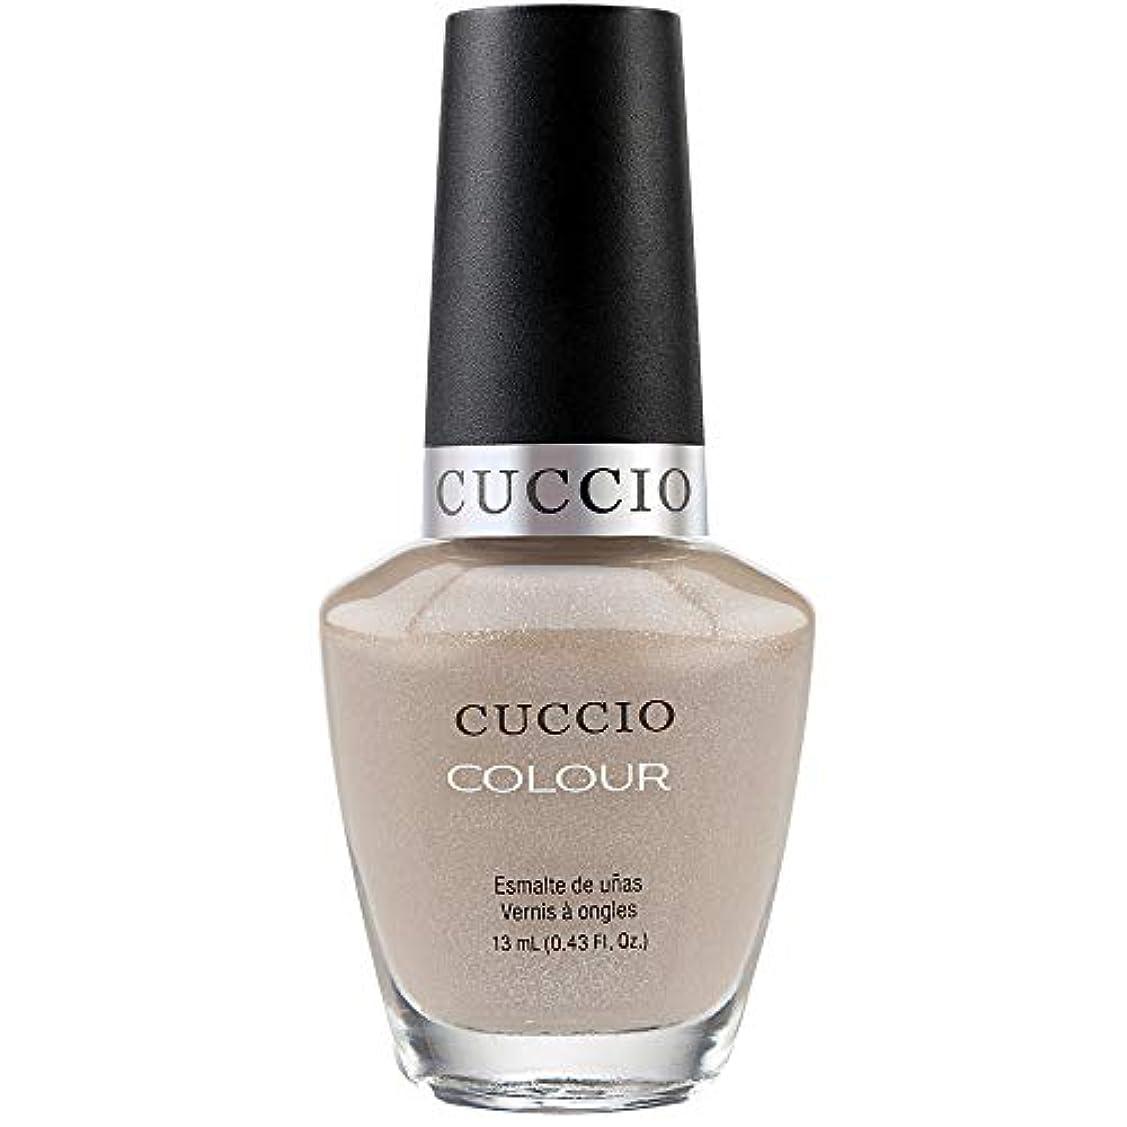 苗阻害する主要なCuccio Colour Gloss Lacquer - Cream & Sugar - 0.43oz / 13ml